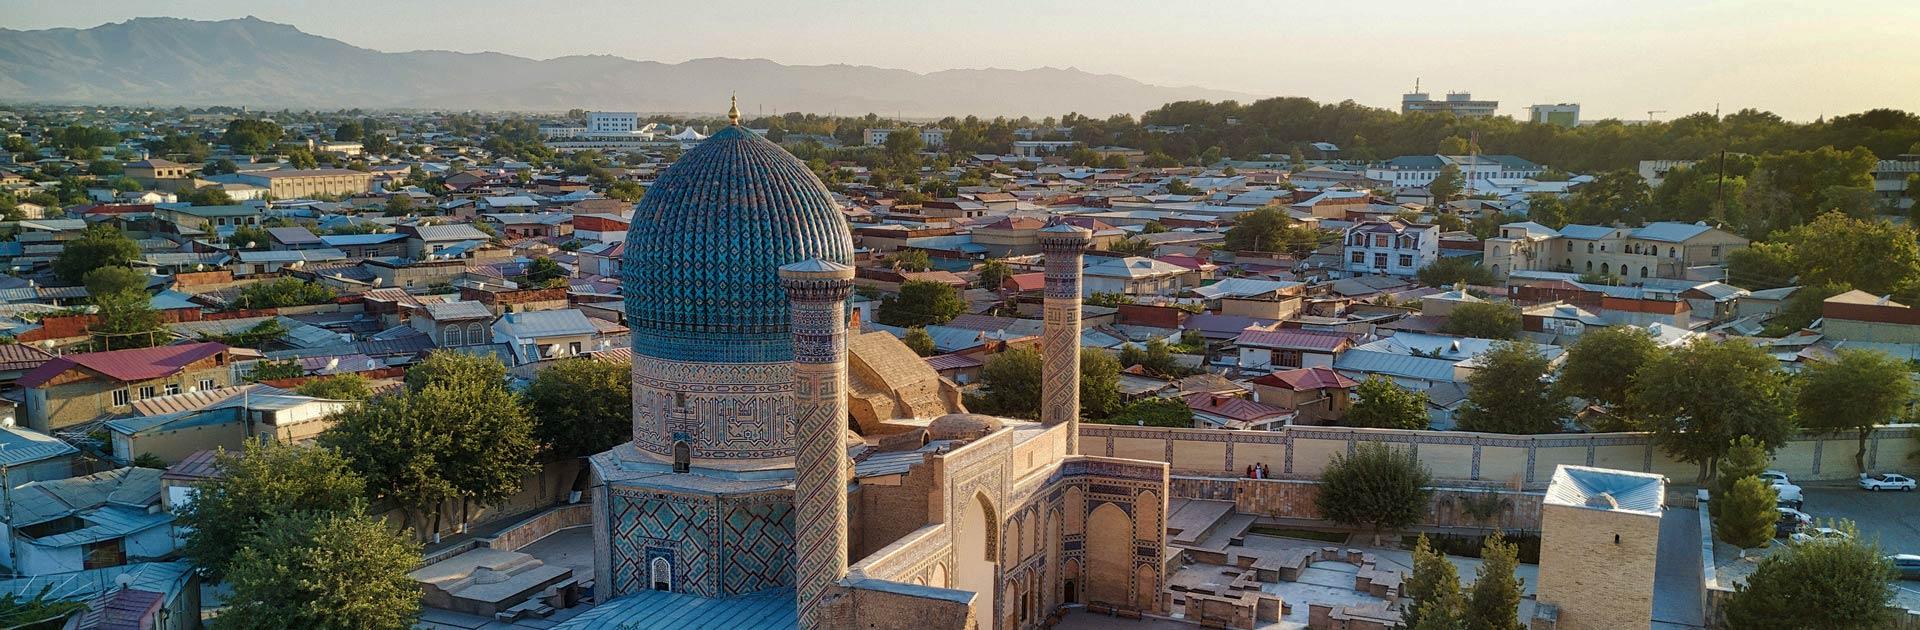 UZ Encantos de Uzbekistán y Turkmenistán 11 días 2